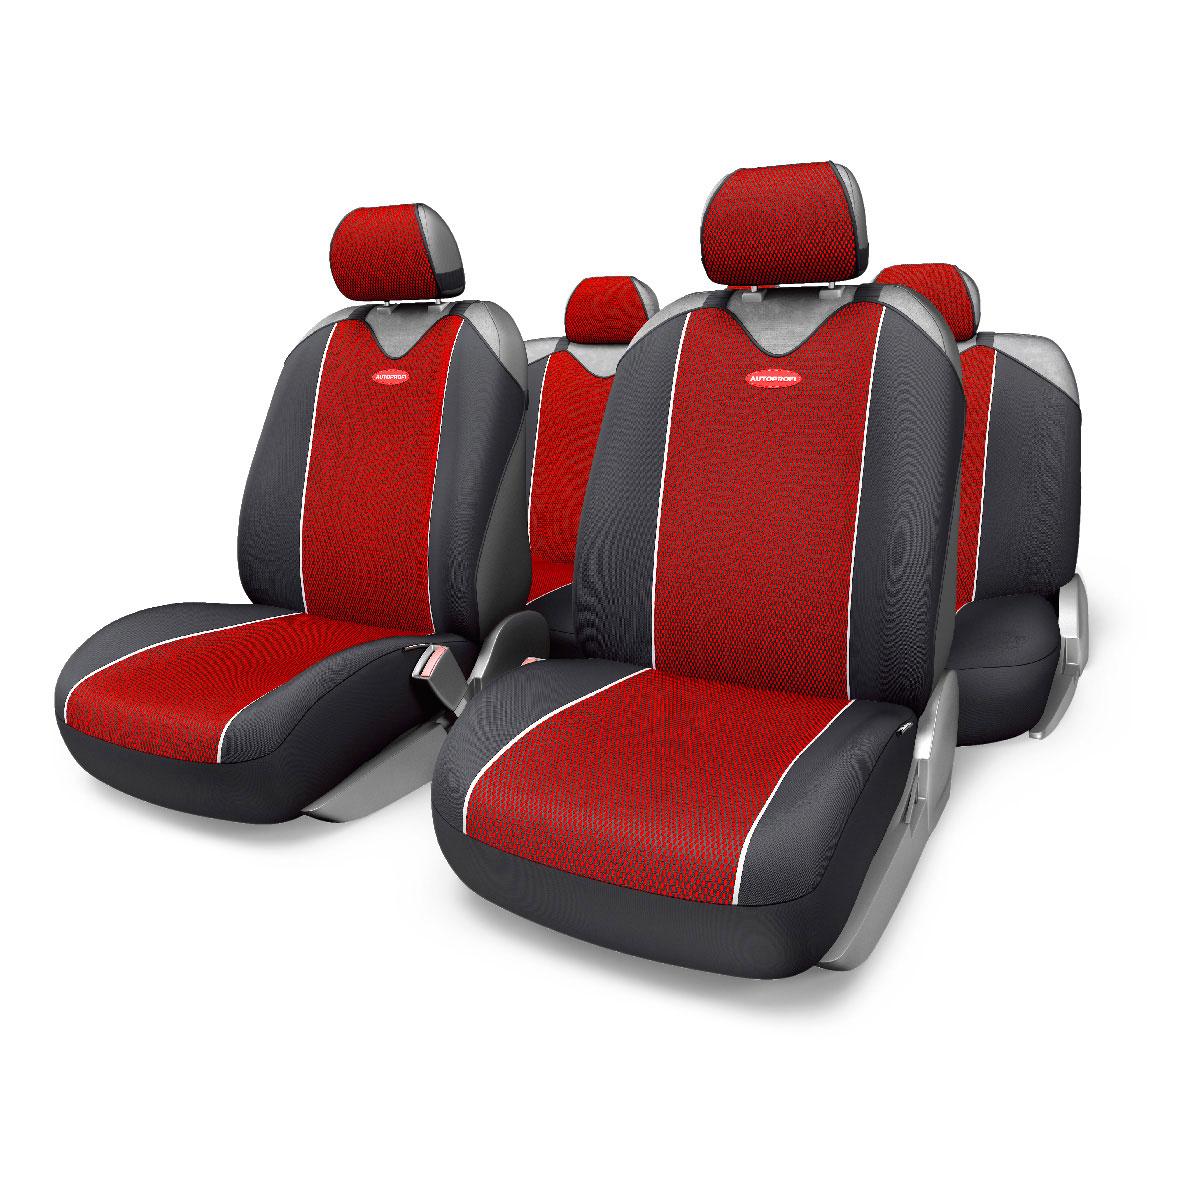 """Чехлы-майки Autoprofi """"Carbon Plus Zippers"""", цвет: черный, красный, 9 предметов"""